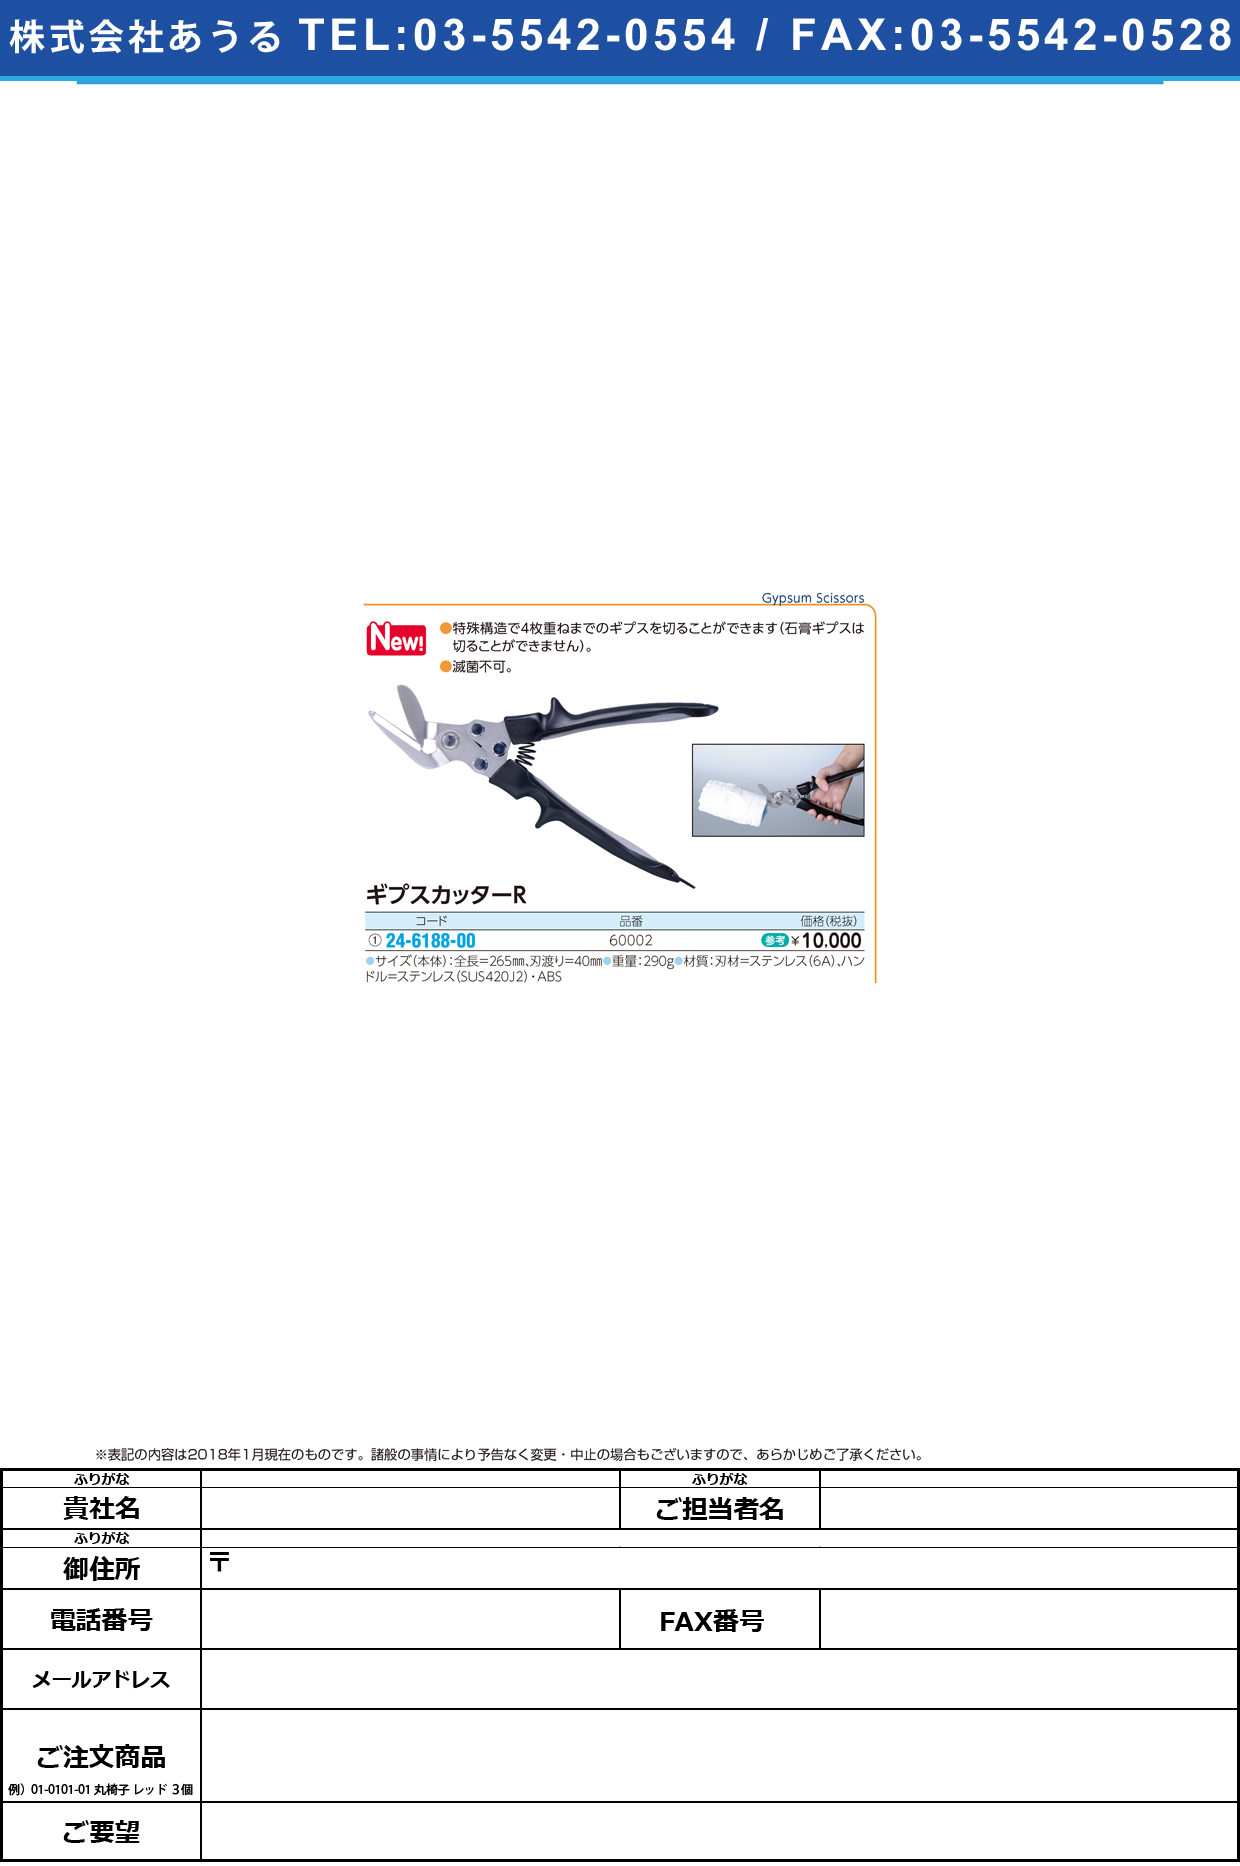 (24-6188-00)ギプスカッターR 60002(265MM) ギプスカッターR【1本単位】【2018年カタログ商品】